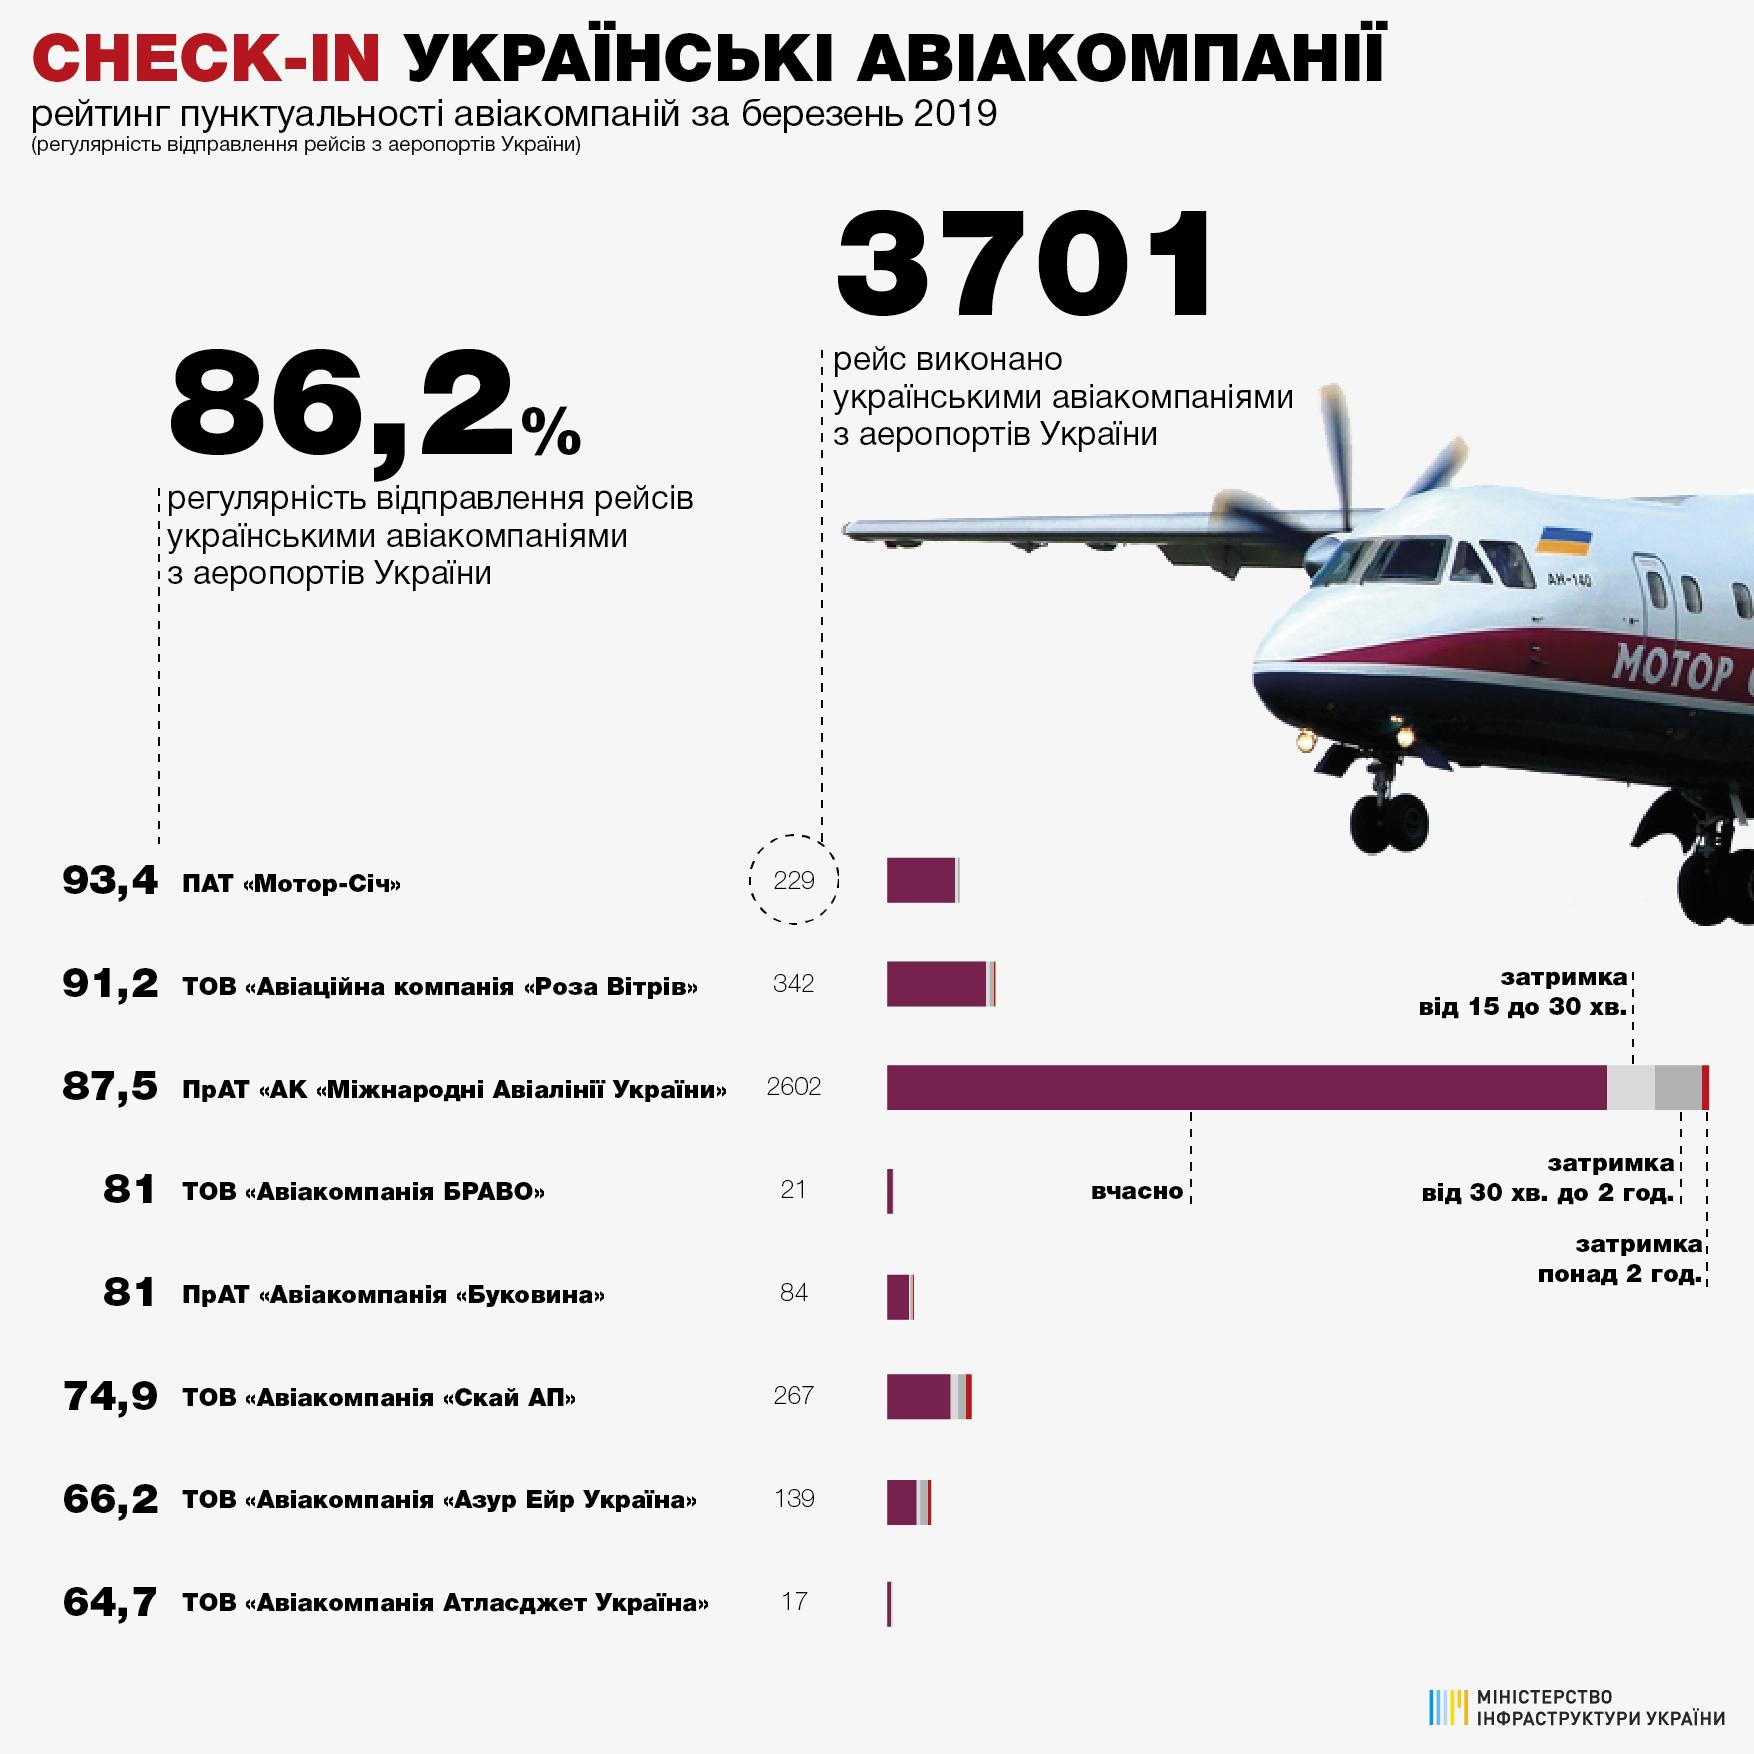 Статистика пунктуальности украинских авиакомпаний при вылете из аэропортов Украины в марте 2019 года